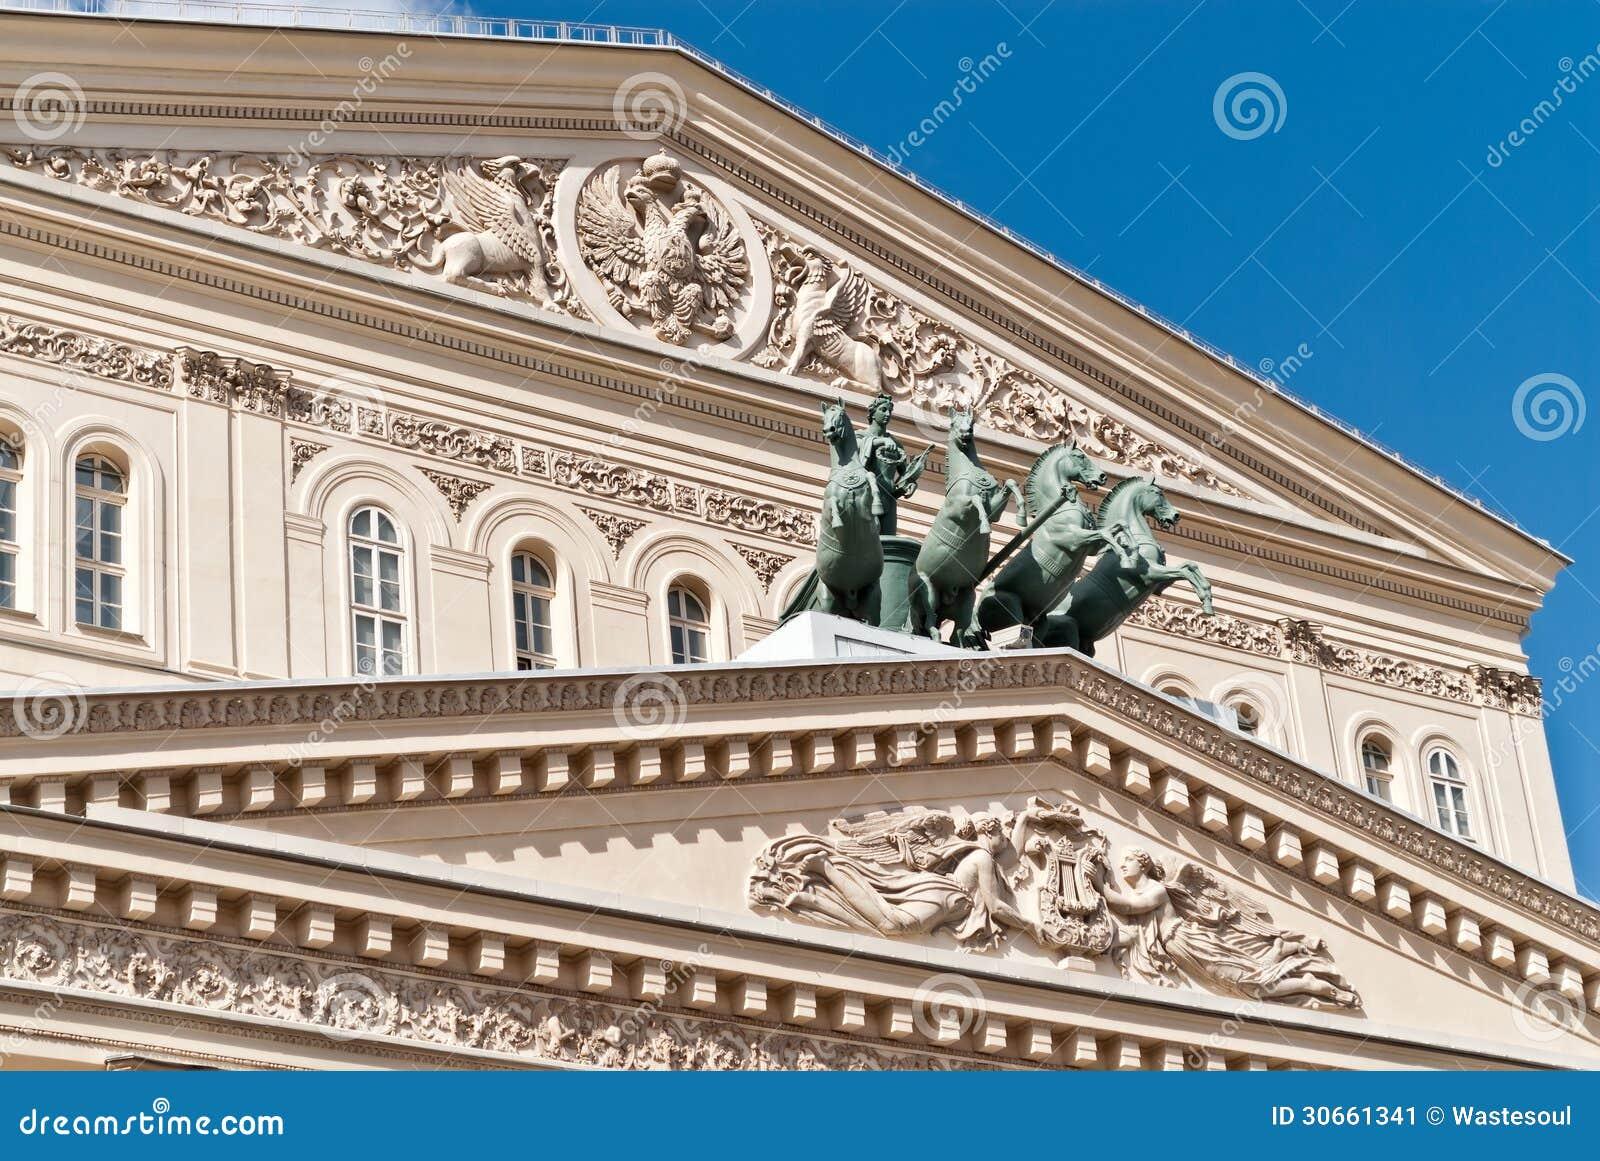 Fronton des großen Theaters Moskaus